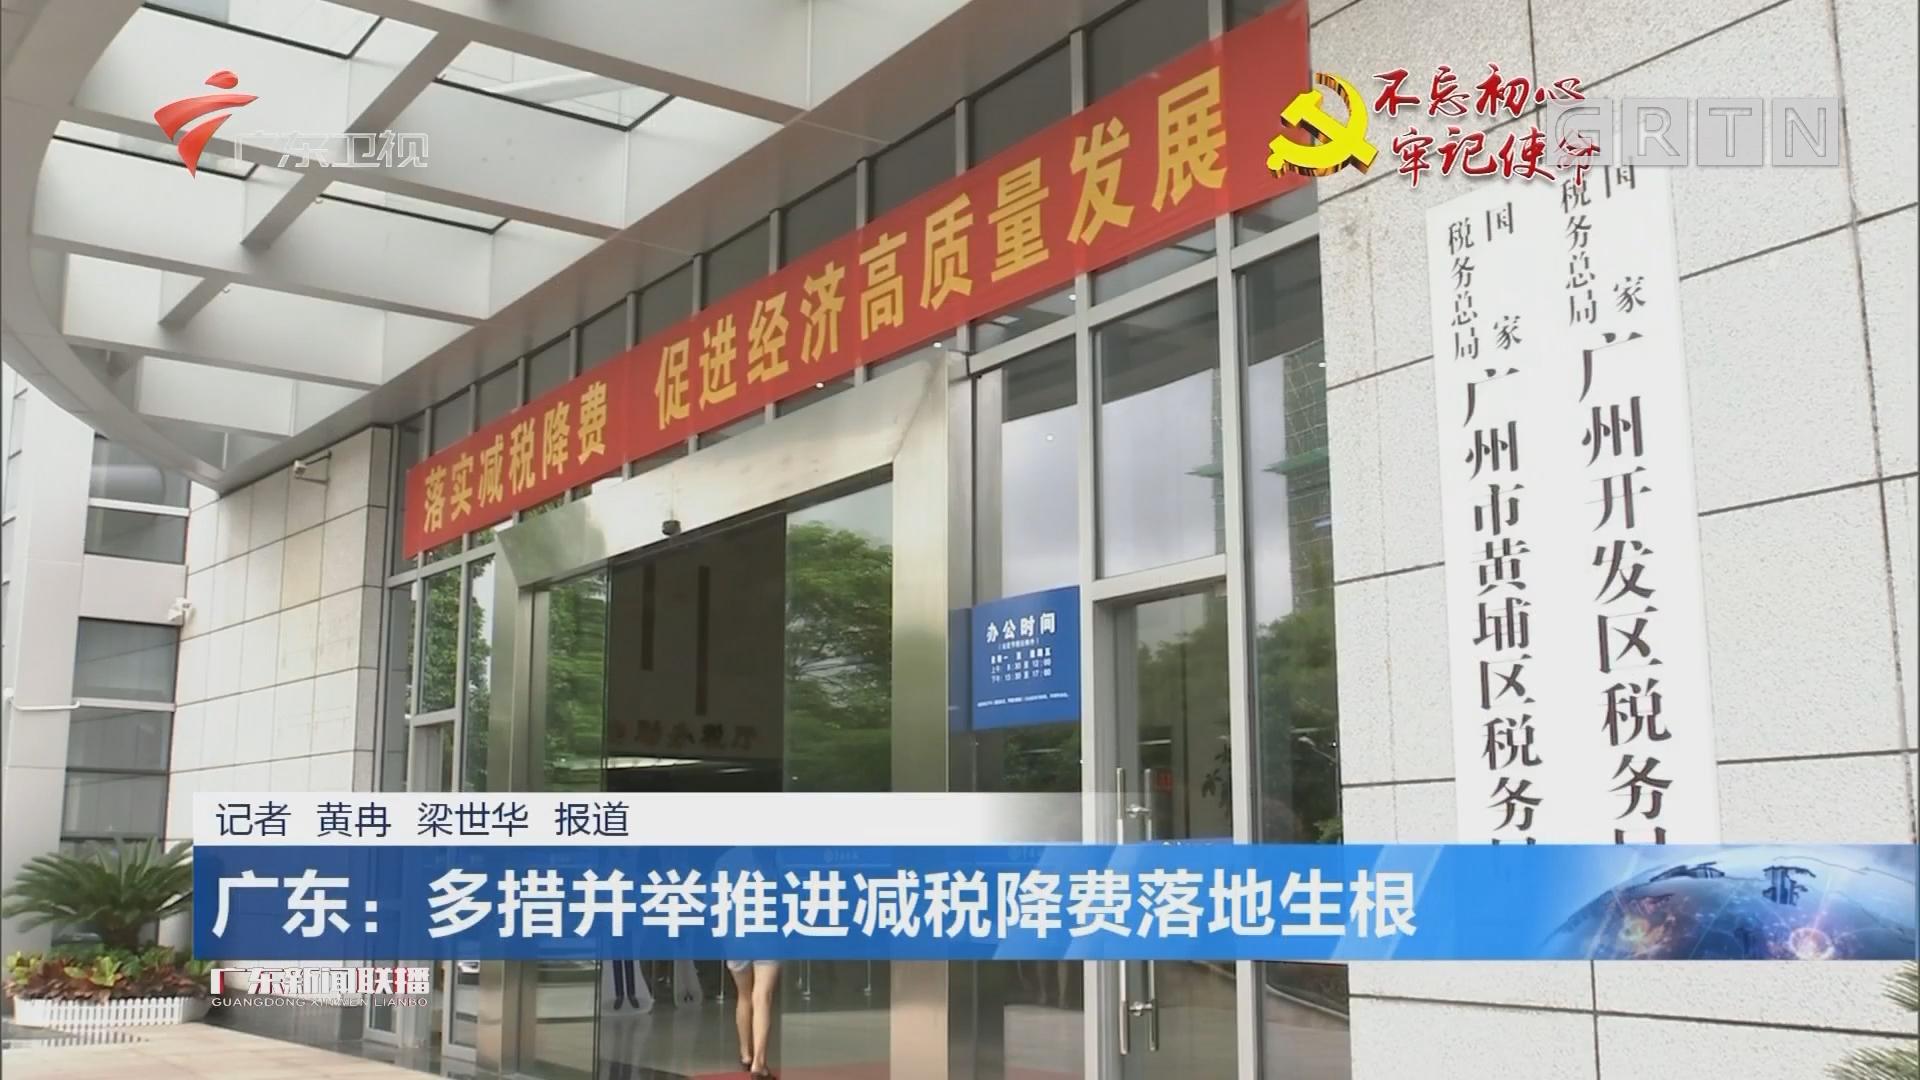 广东:多措并举推进减税降费落地生根